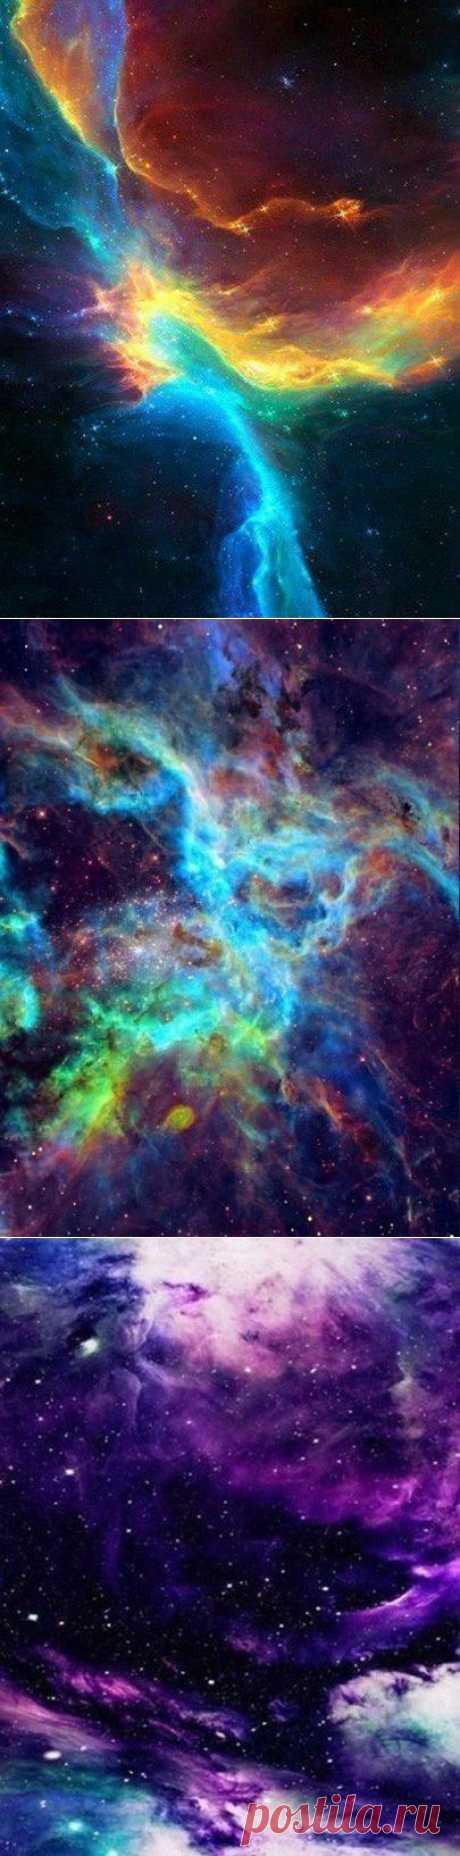 Такой далекий и прекрасный космос